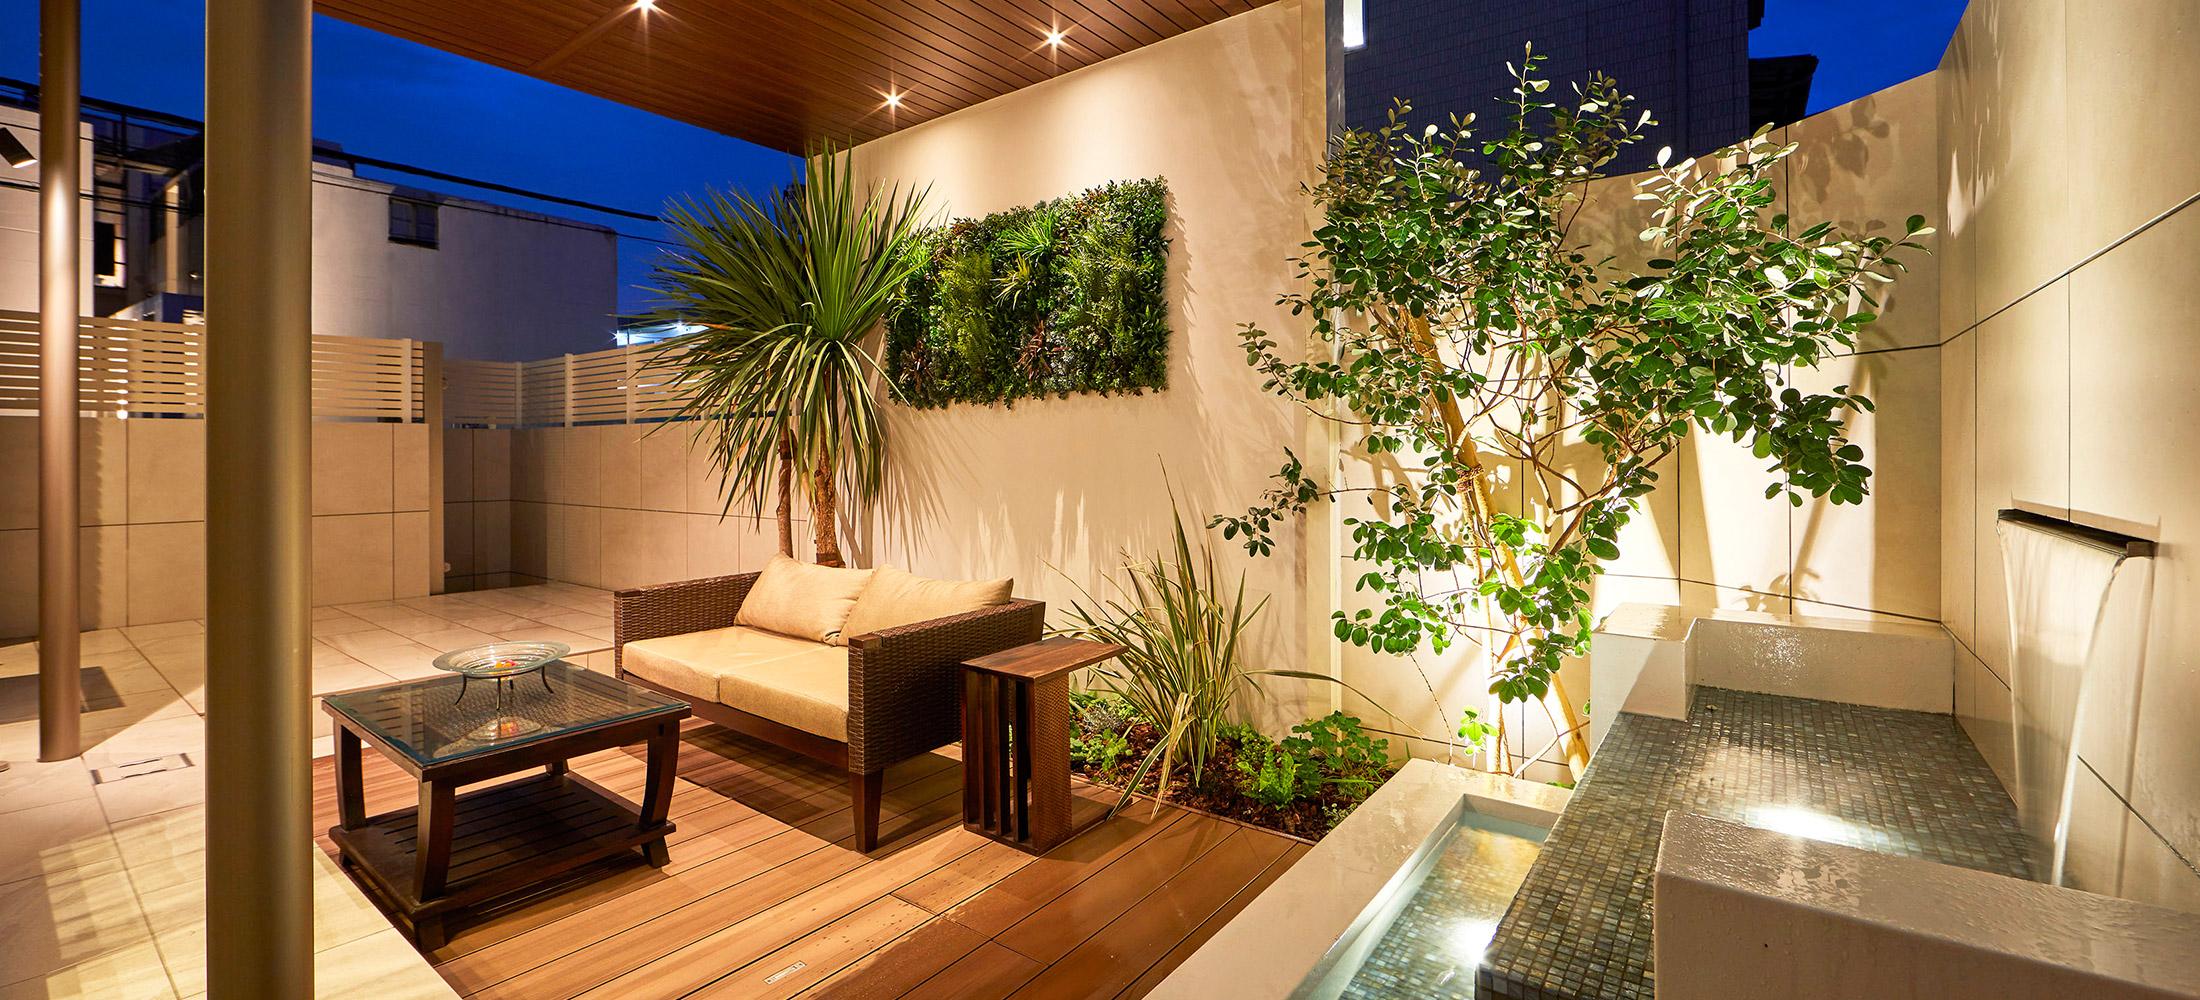 庭をリゾート風のデザインにするための方法とは?